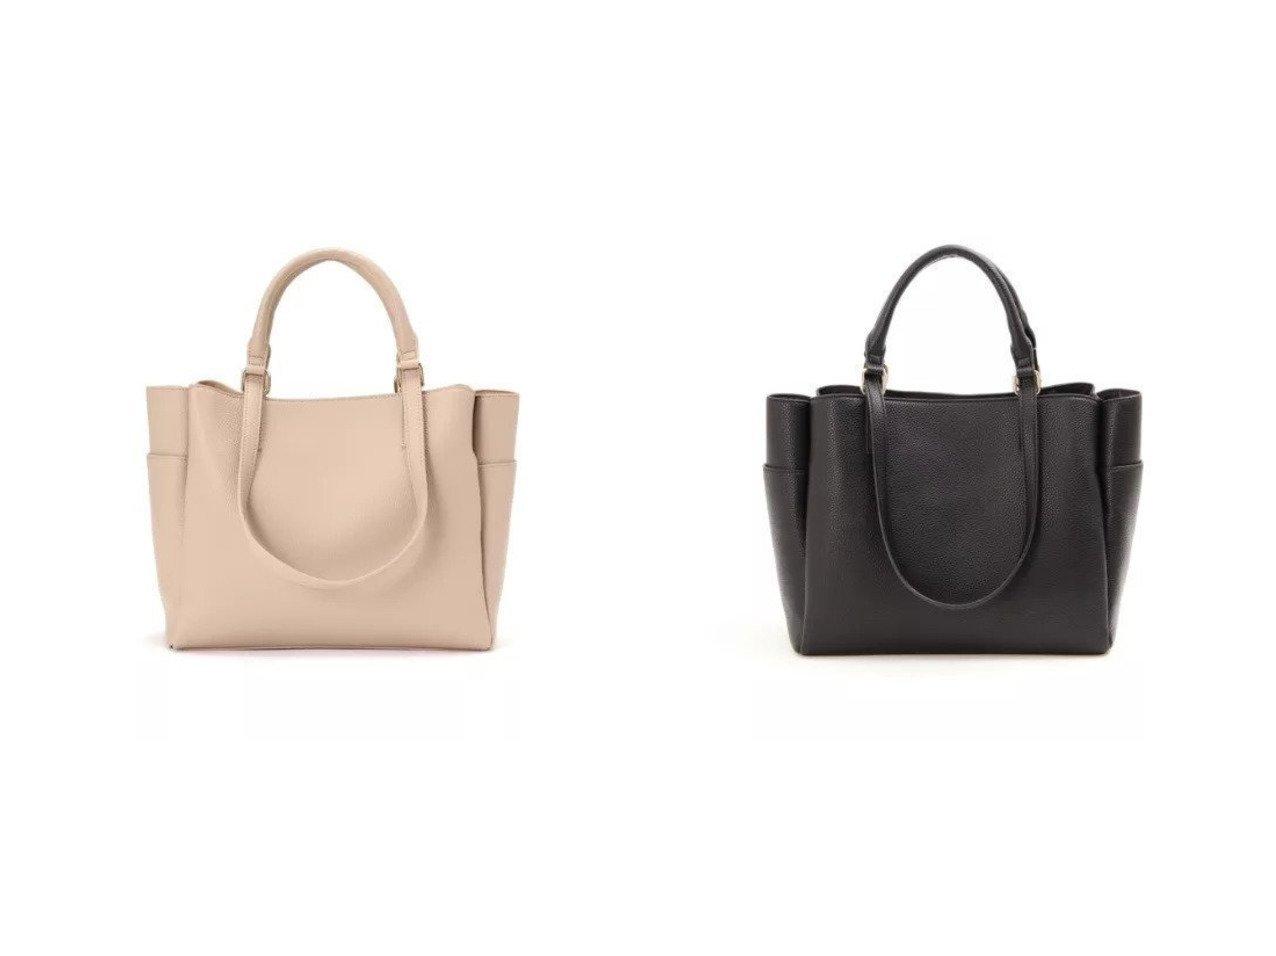 【NATURAL BEAUTY BASIC/ナチュラル ビューティー ベーシック】のライトウエイト2WAYハンドルトート バッグ・鞄のおすすめ!人気、トレンド・レディースファッションの通販  おすすめで人気の流行・トレンド、ファッションの通販商品 メンズファッション・キッズファッション・インテリア・家具・レディースファッション・服の通販 founy(ファニー) https://founy.com/ ファッション Fashion レディースファッション WOMEN バッグ Bag ポケット 傘 軽量 |ID:crp329100000015647